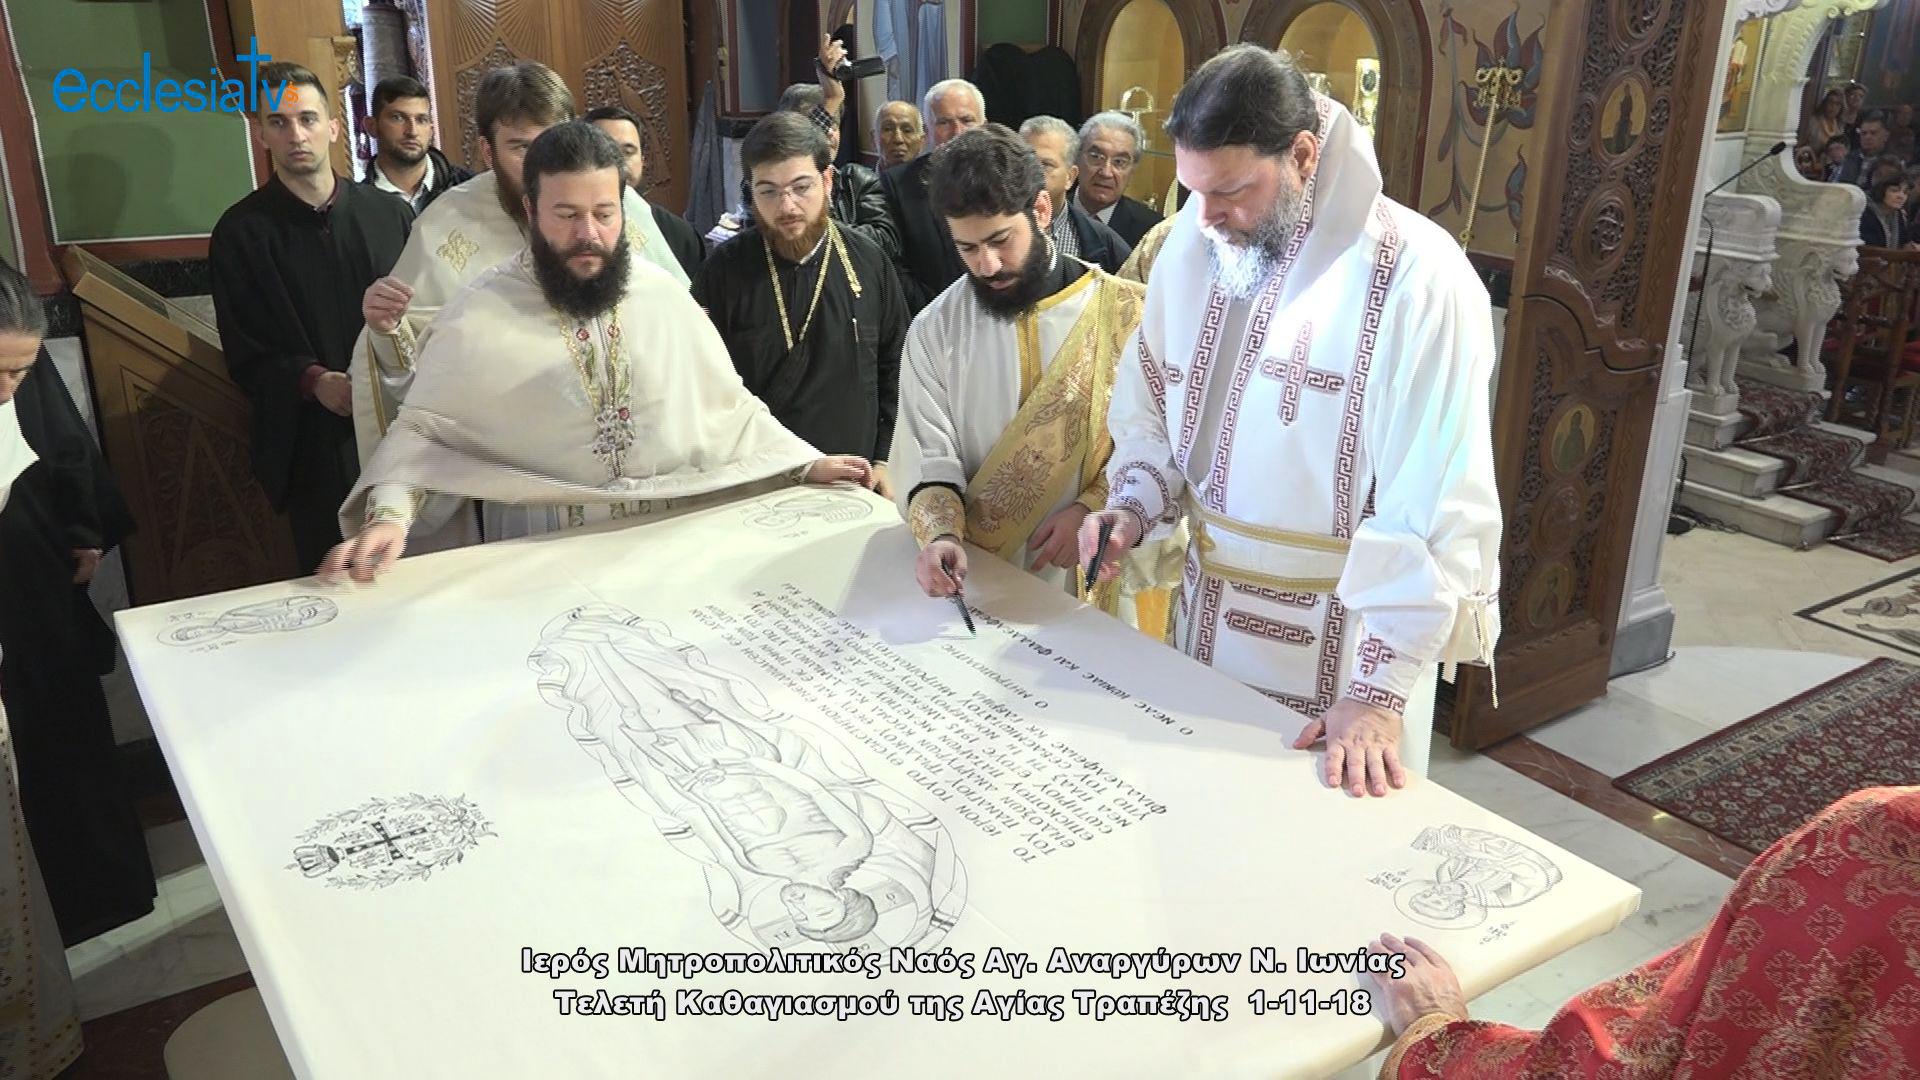 Ιερός Μητροπολιτικός Ναός Αγ. Αναργύρων Ν. Ιωνίας Τελετή Καθαγιασμού της Αγίας Τραπέζης